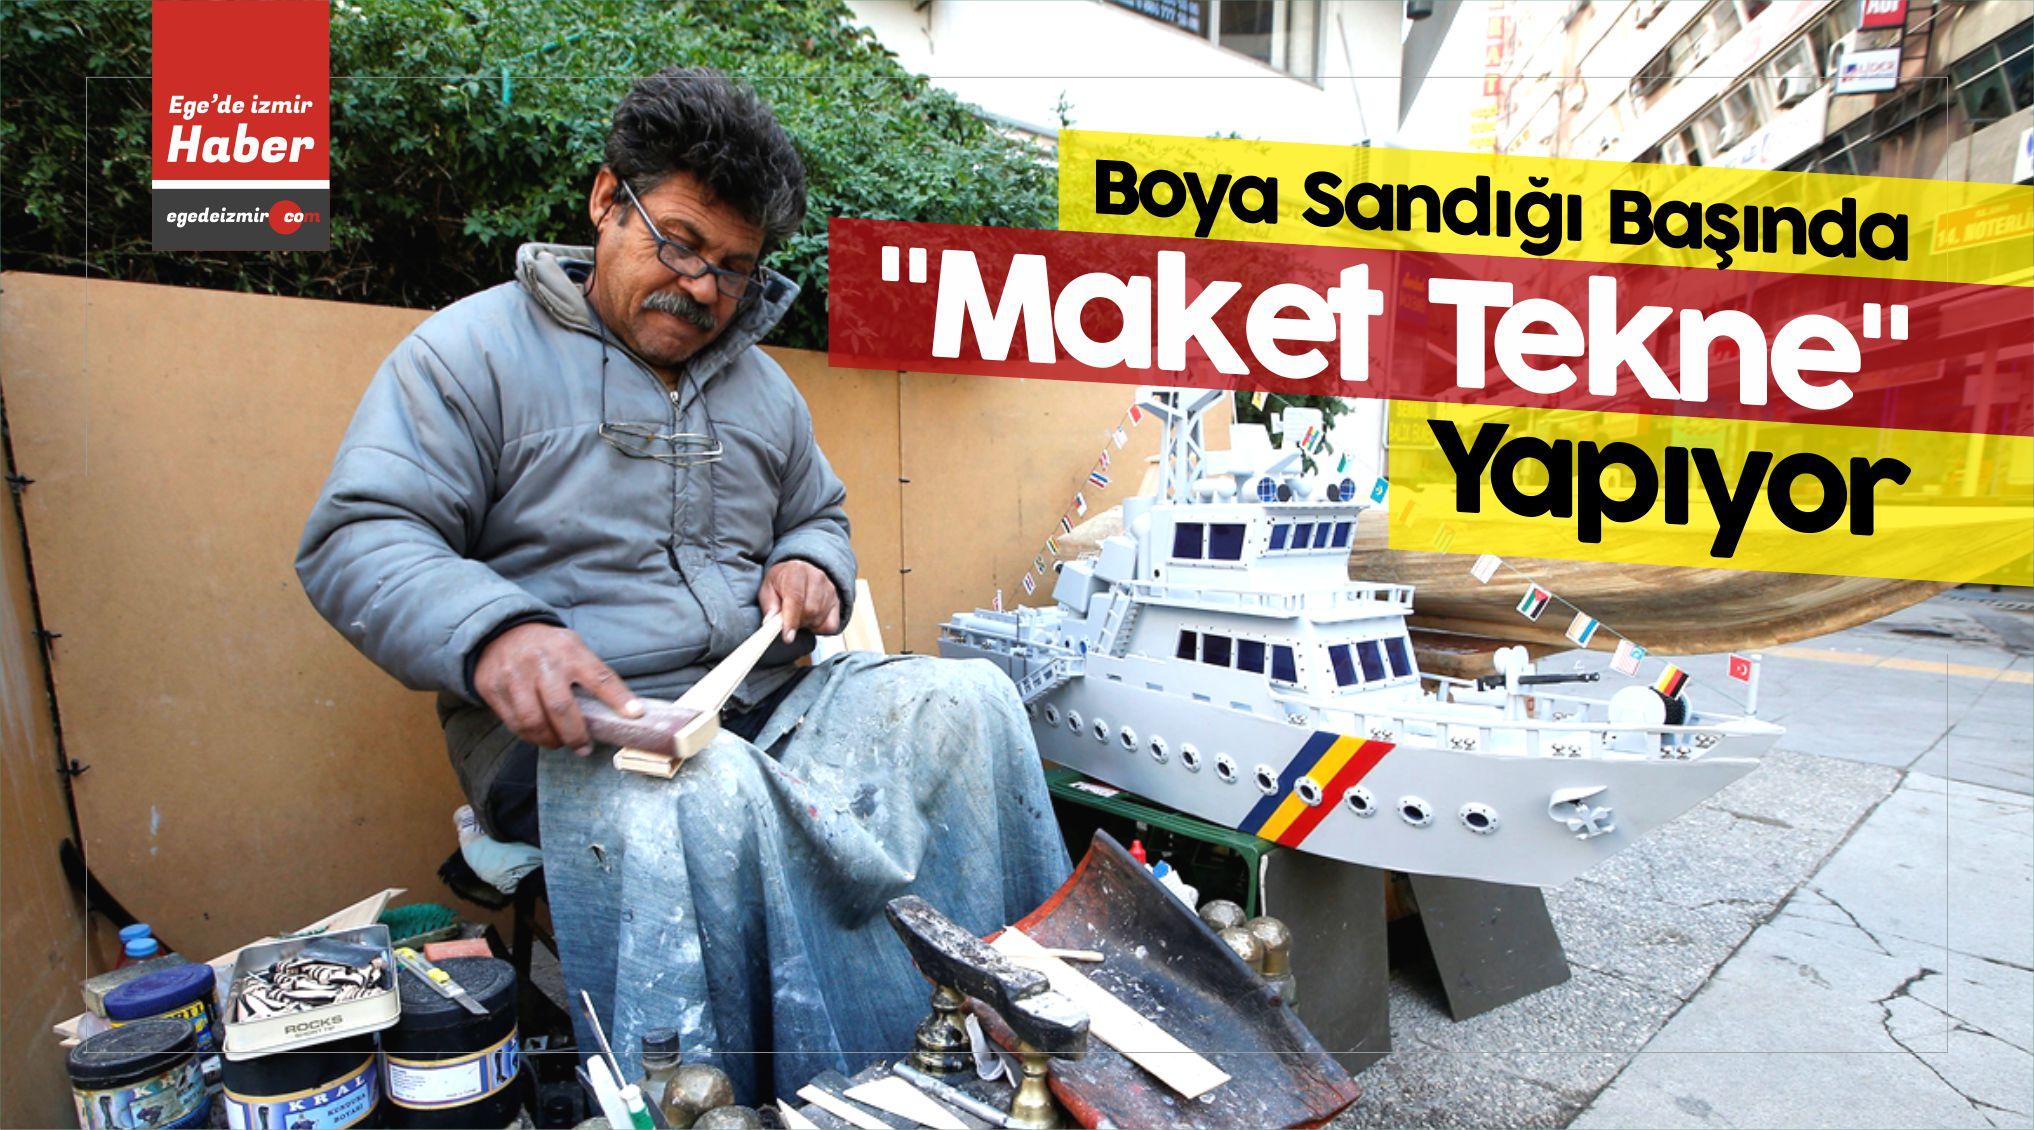 """İzmir'de Boya Sandığı Başında """"Maket Tekne"""" Yapıyor"""